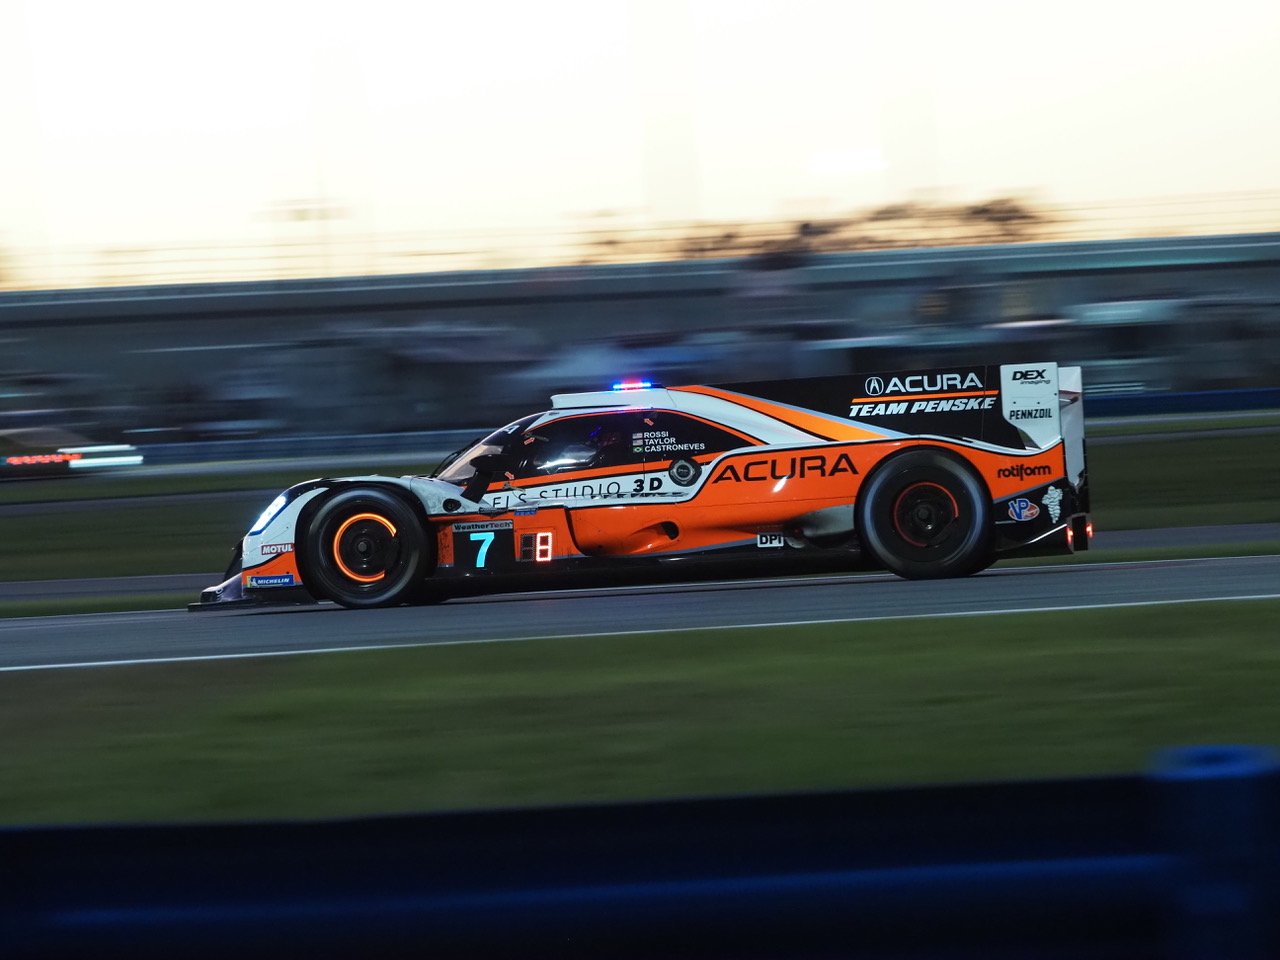 Pole winning Penske Acura. [Photo by Jack Webster]